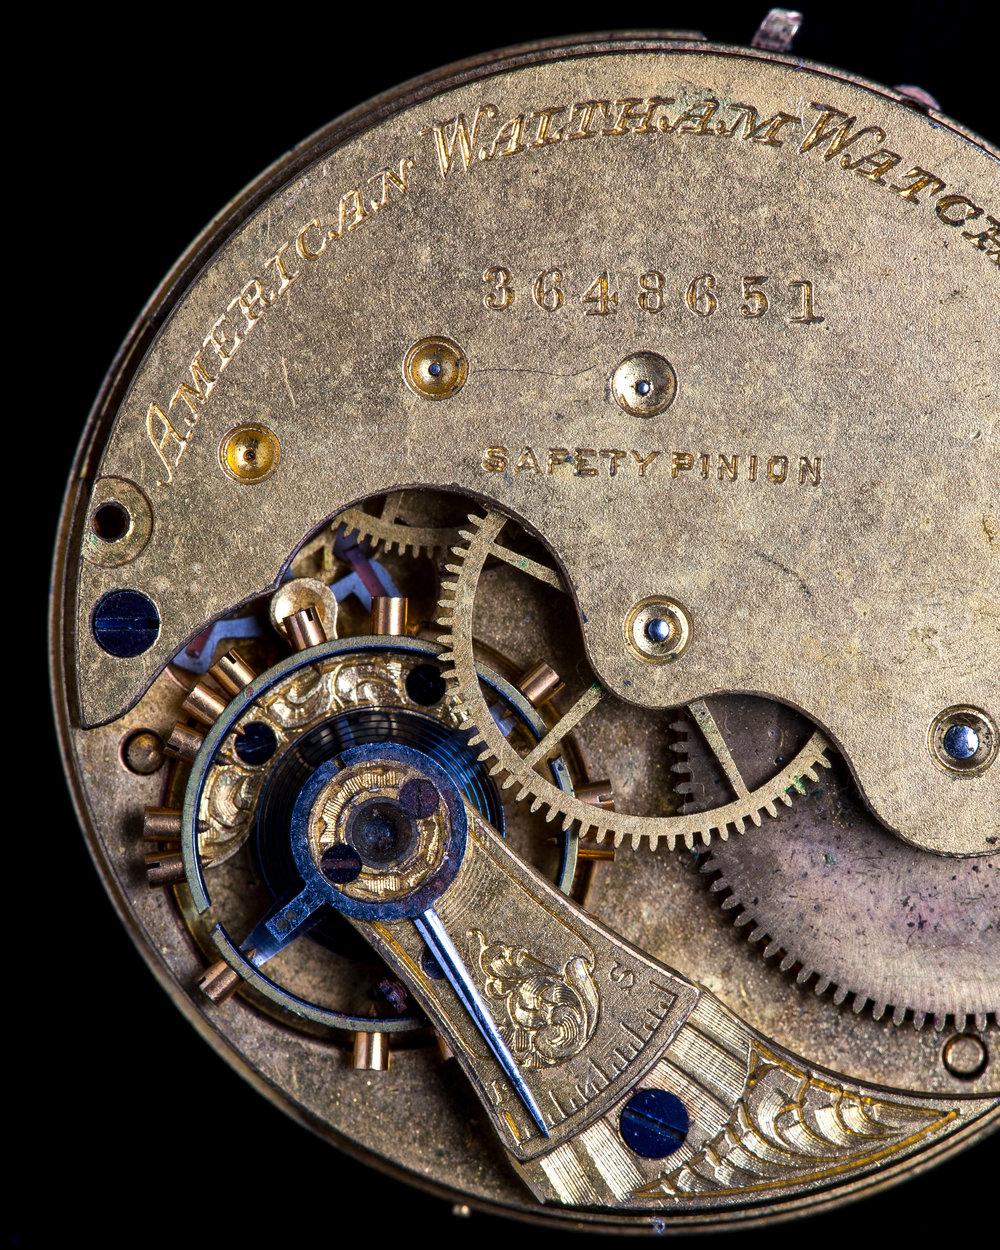 171018_PocketWatches-025.jpg